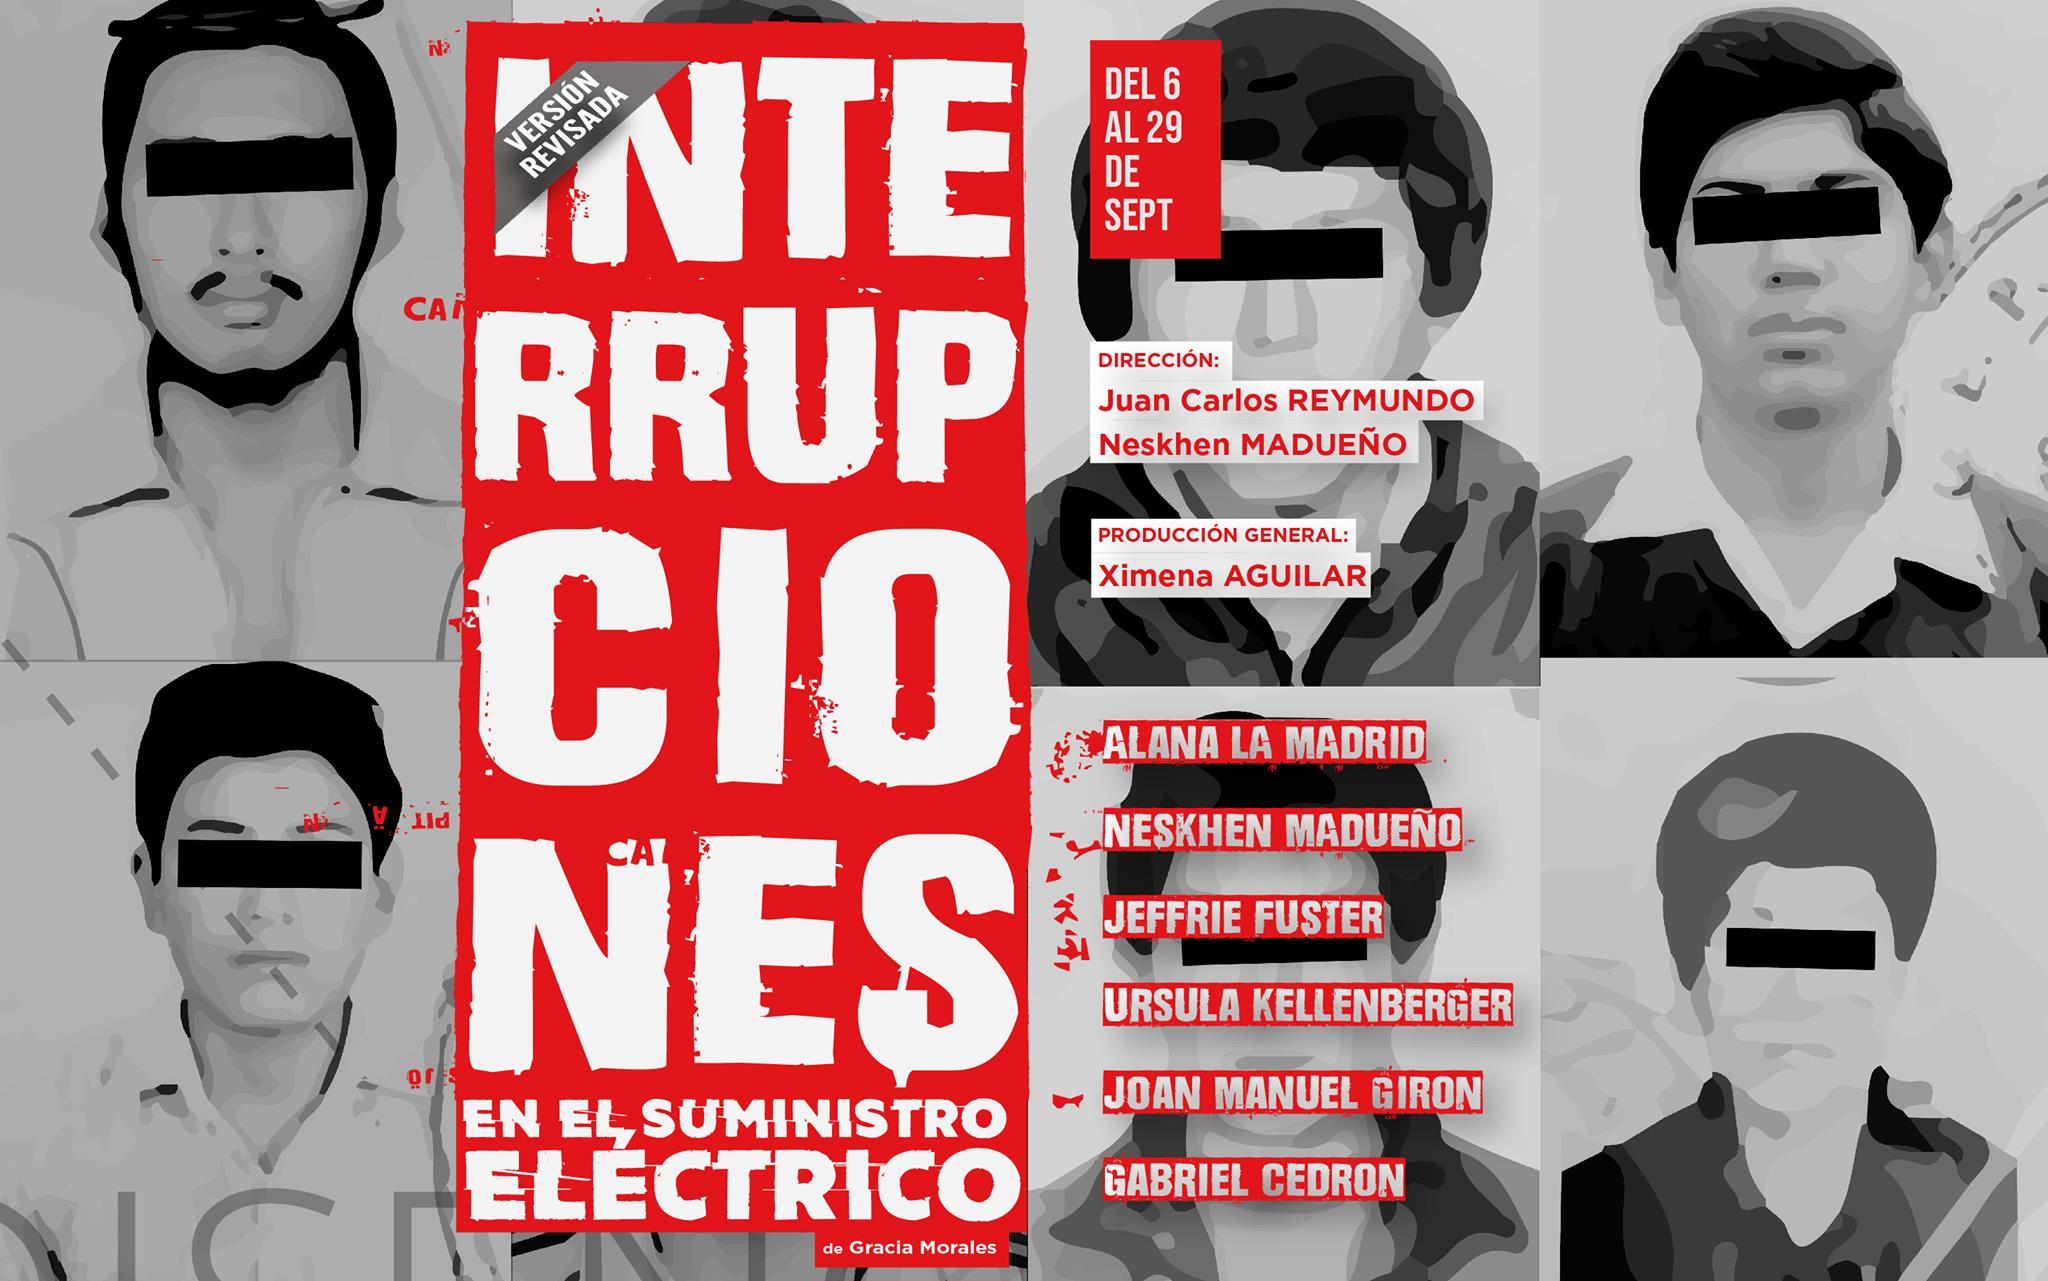 Interrupciones en el Sumistro Eléctrico  - ArtesUnidas.com